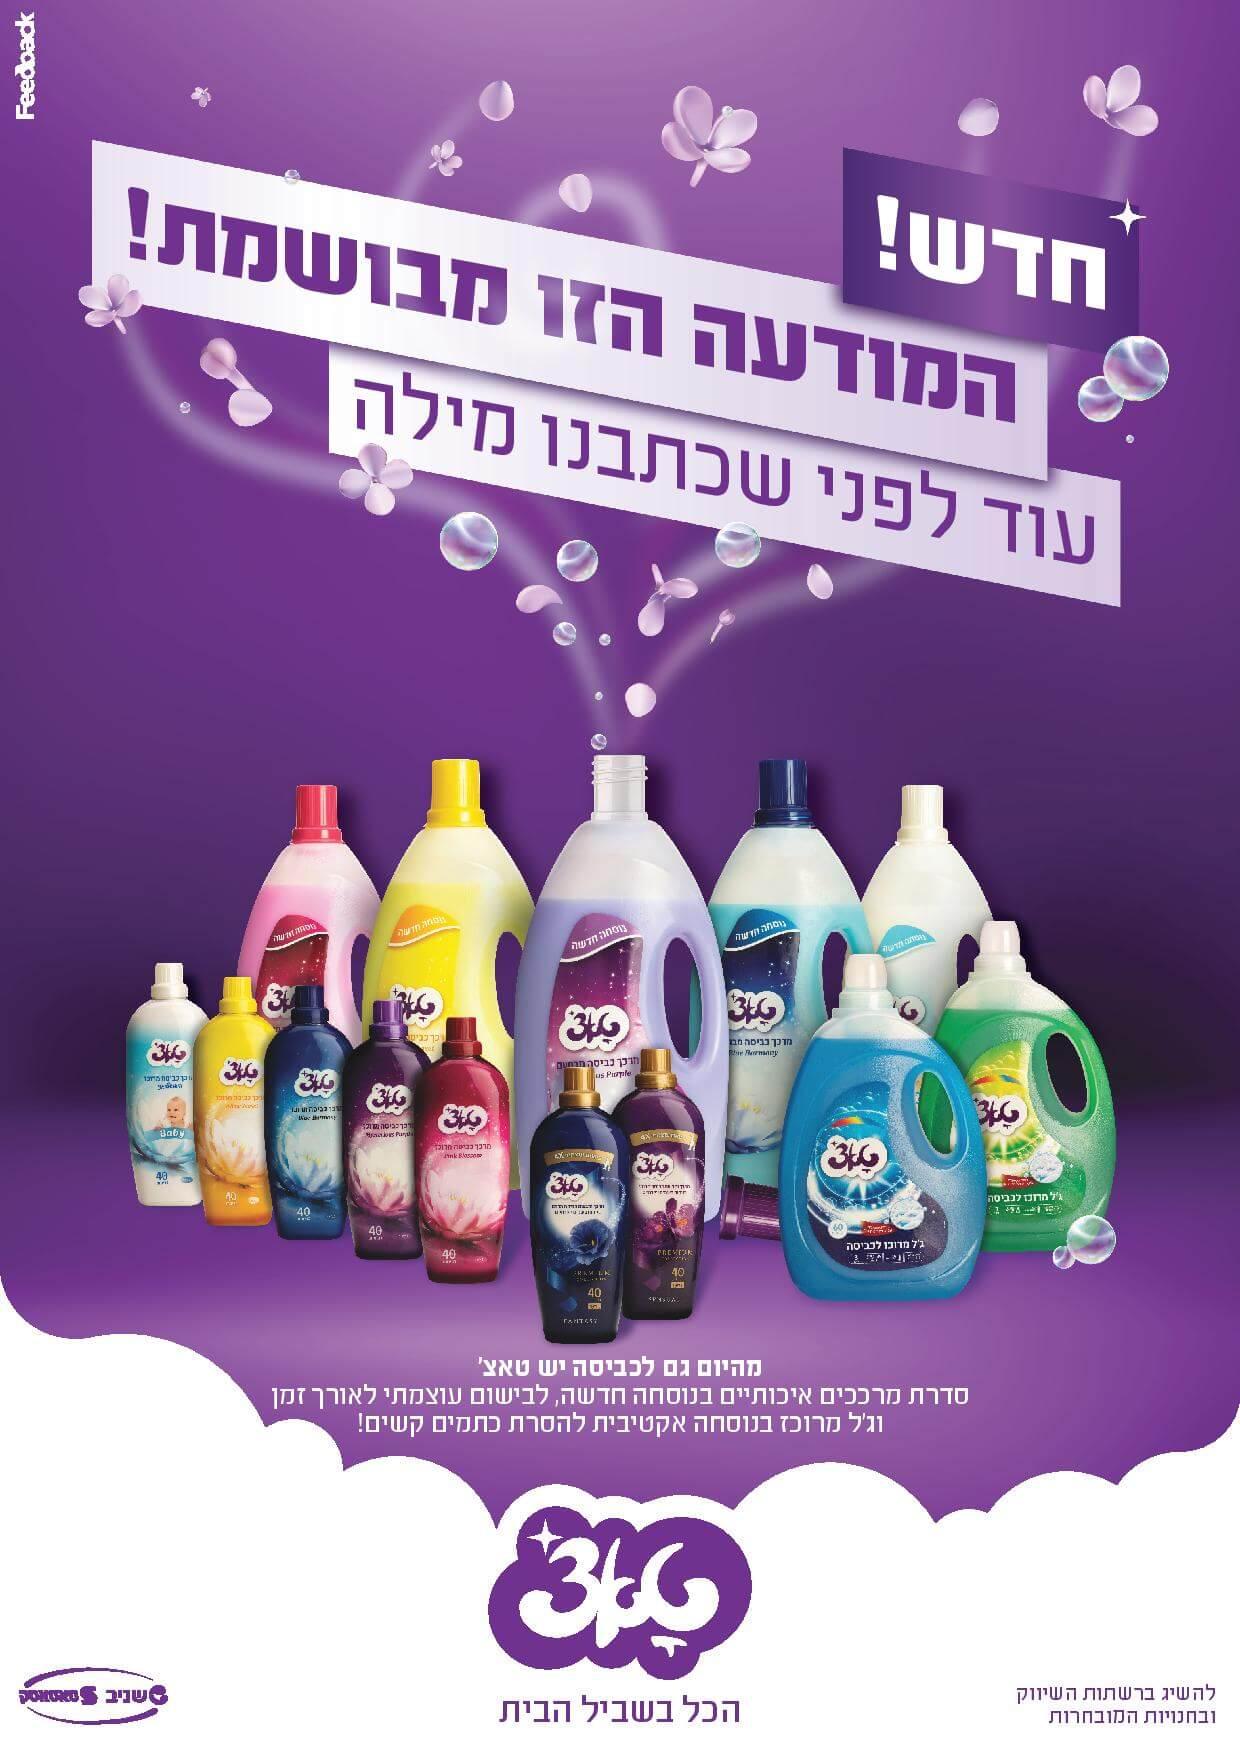 הכירו את המותג הישראלי שמתרחב ומתחרה במותגים הבינלאומיים 1